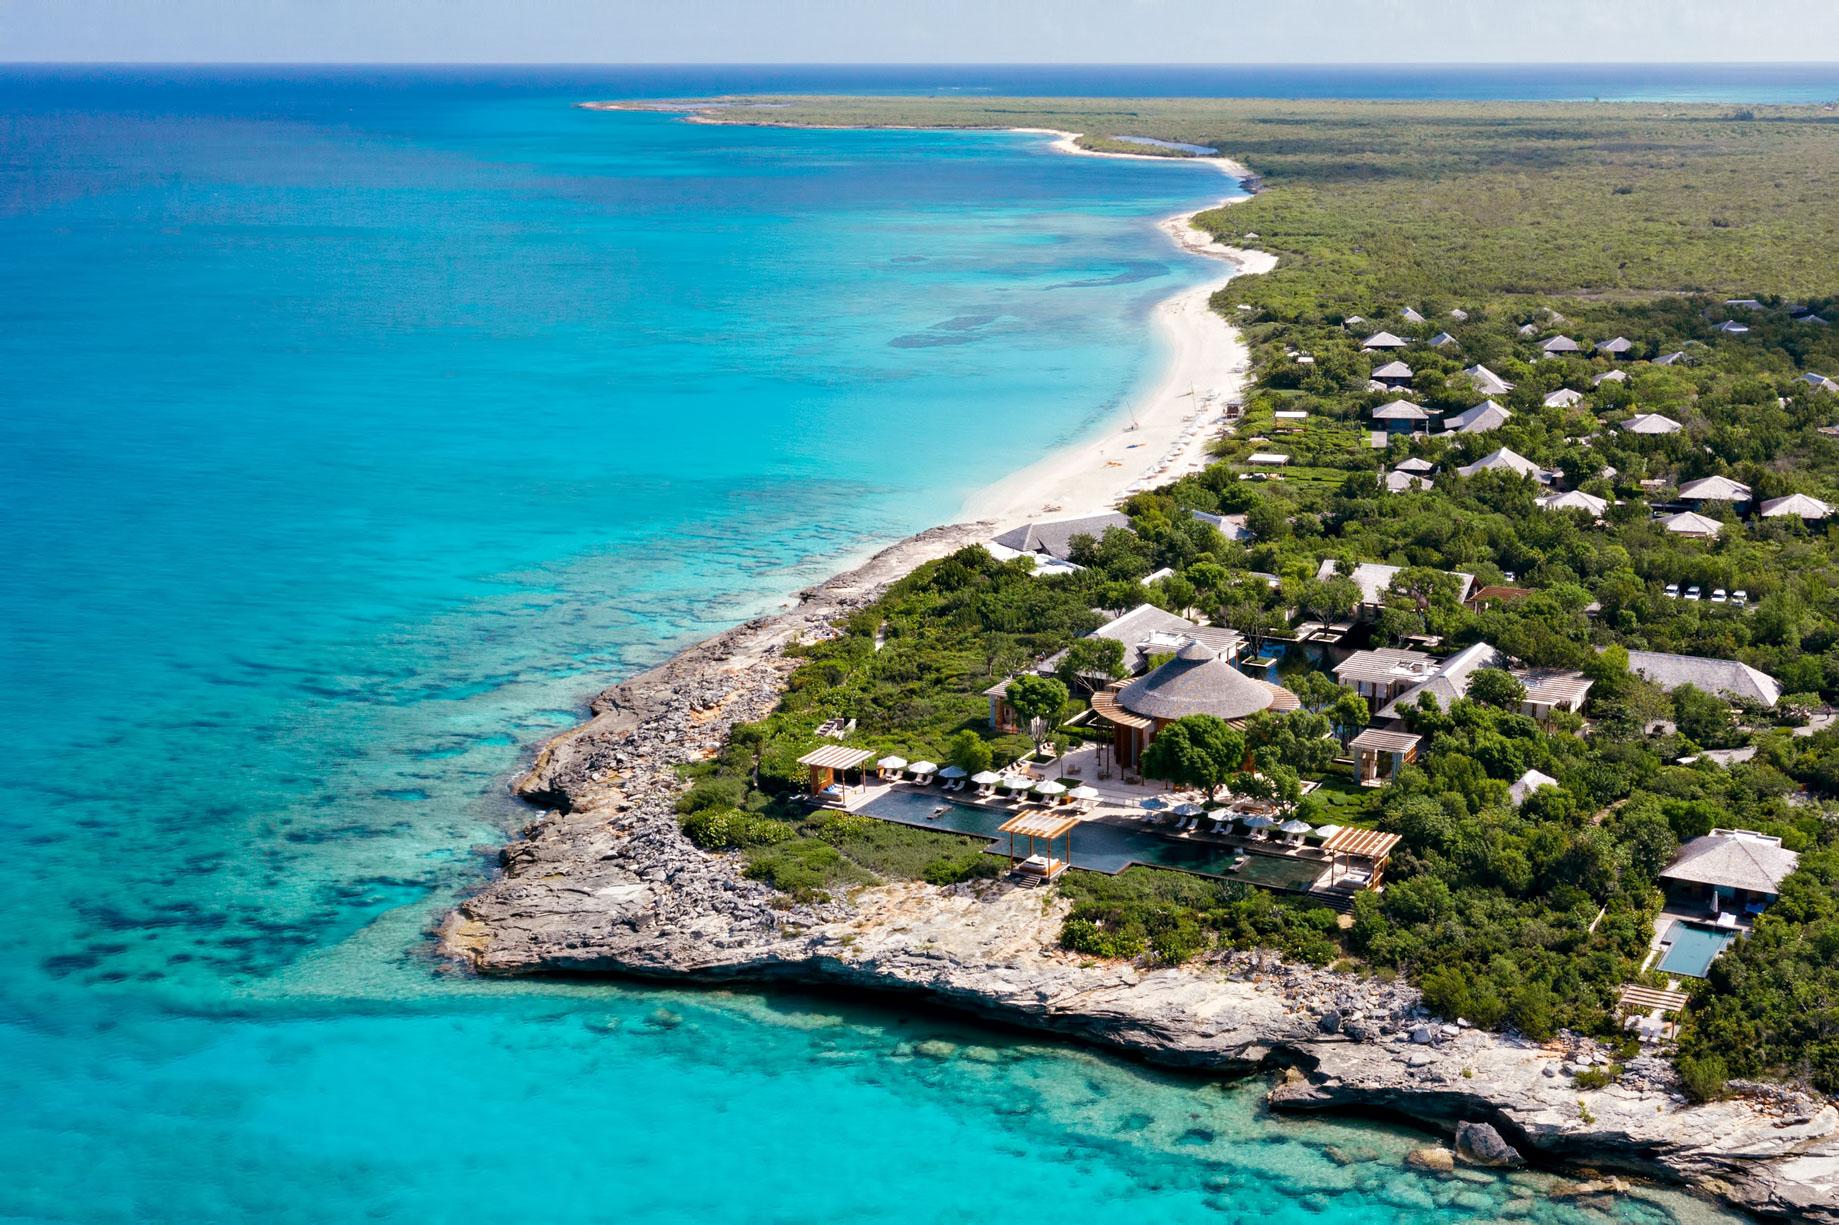 Amanyara Luxury Resort - Providenciales, Turks and Caicos Islands